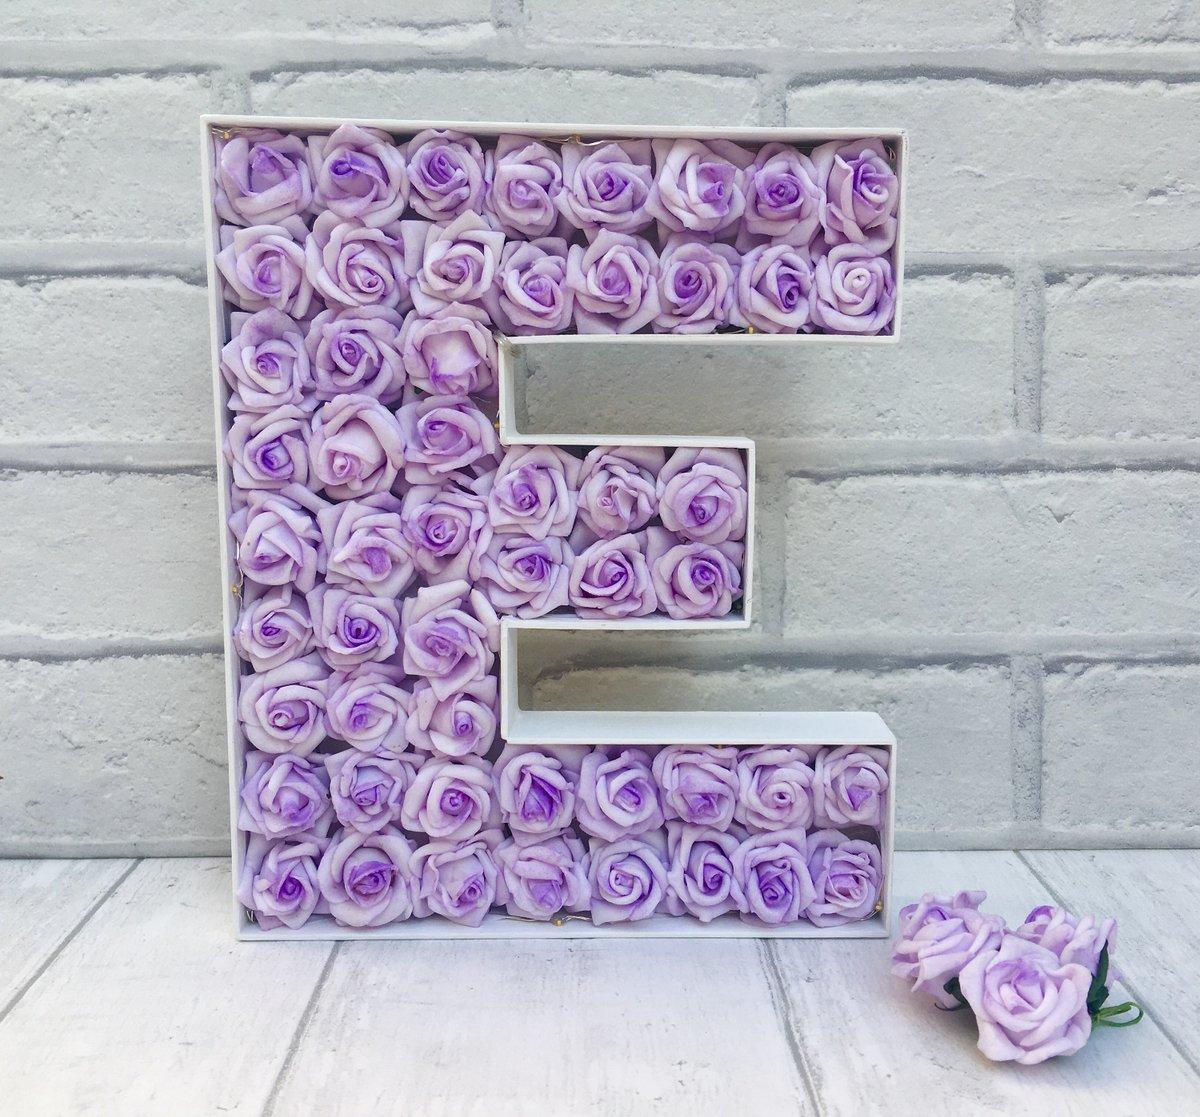 Lilaccoloureddecor Hashtag On Twitter